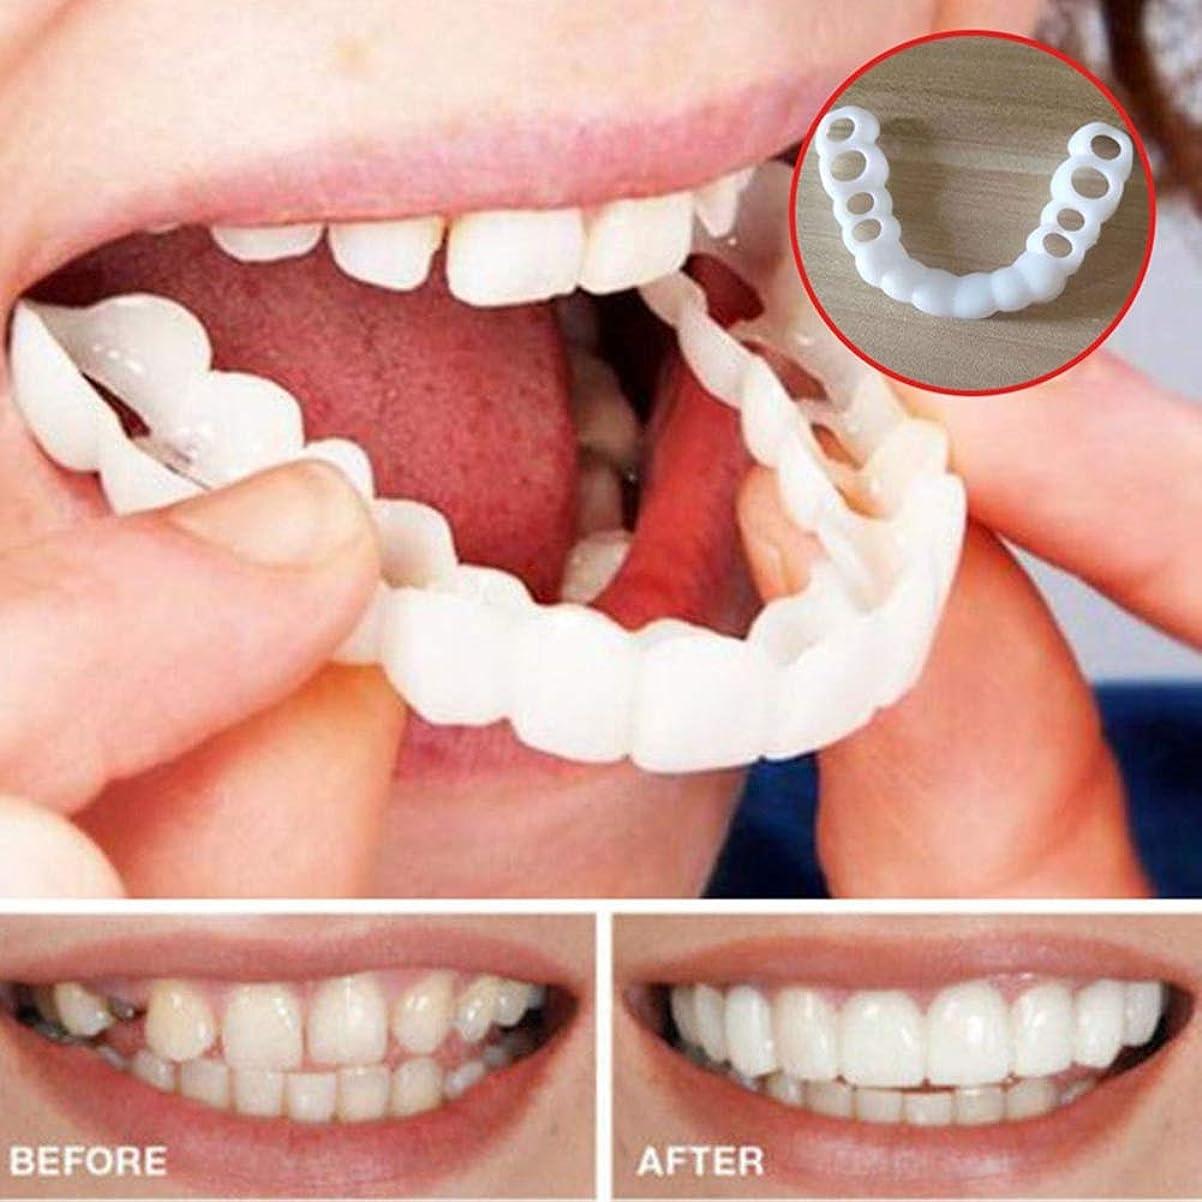 通行人安価なオッズベニアの歯美しいコンフォートフィットフレックス化粧用歯義歯歯上下の化粧用ベニアシミュレーション歯の義歯スリーブホワイトニング義歯,10pairs